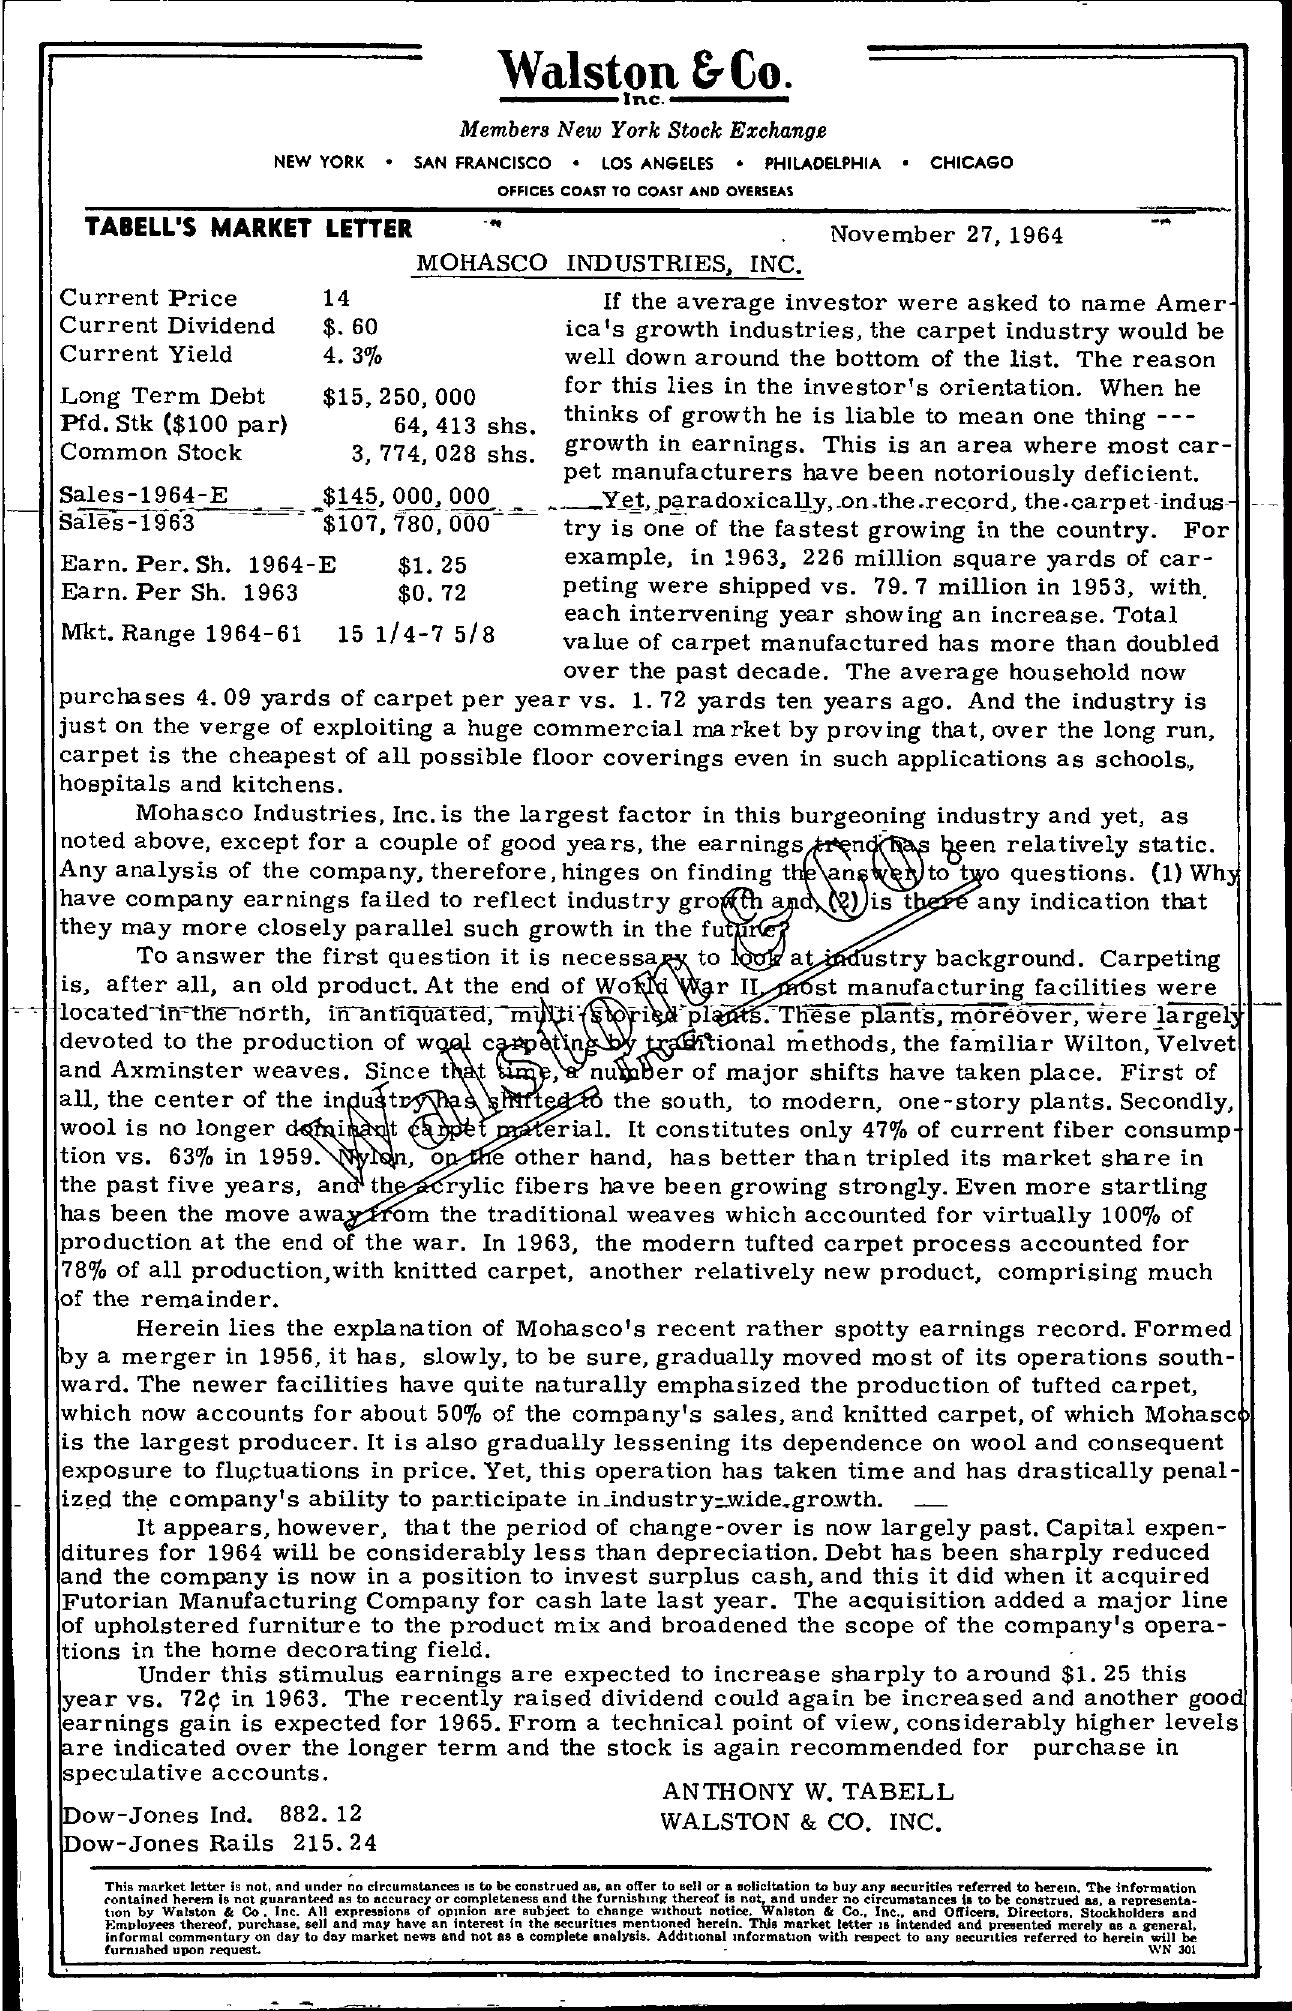 Tabell's Market Letter - November 27, 1964